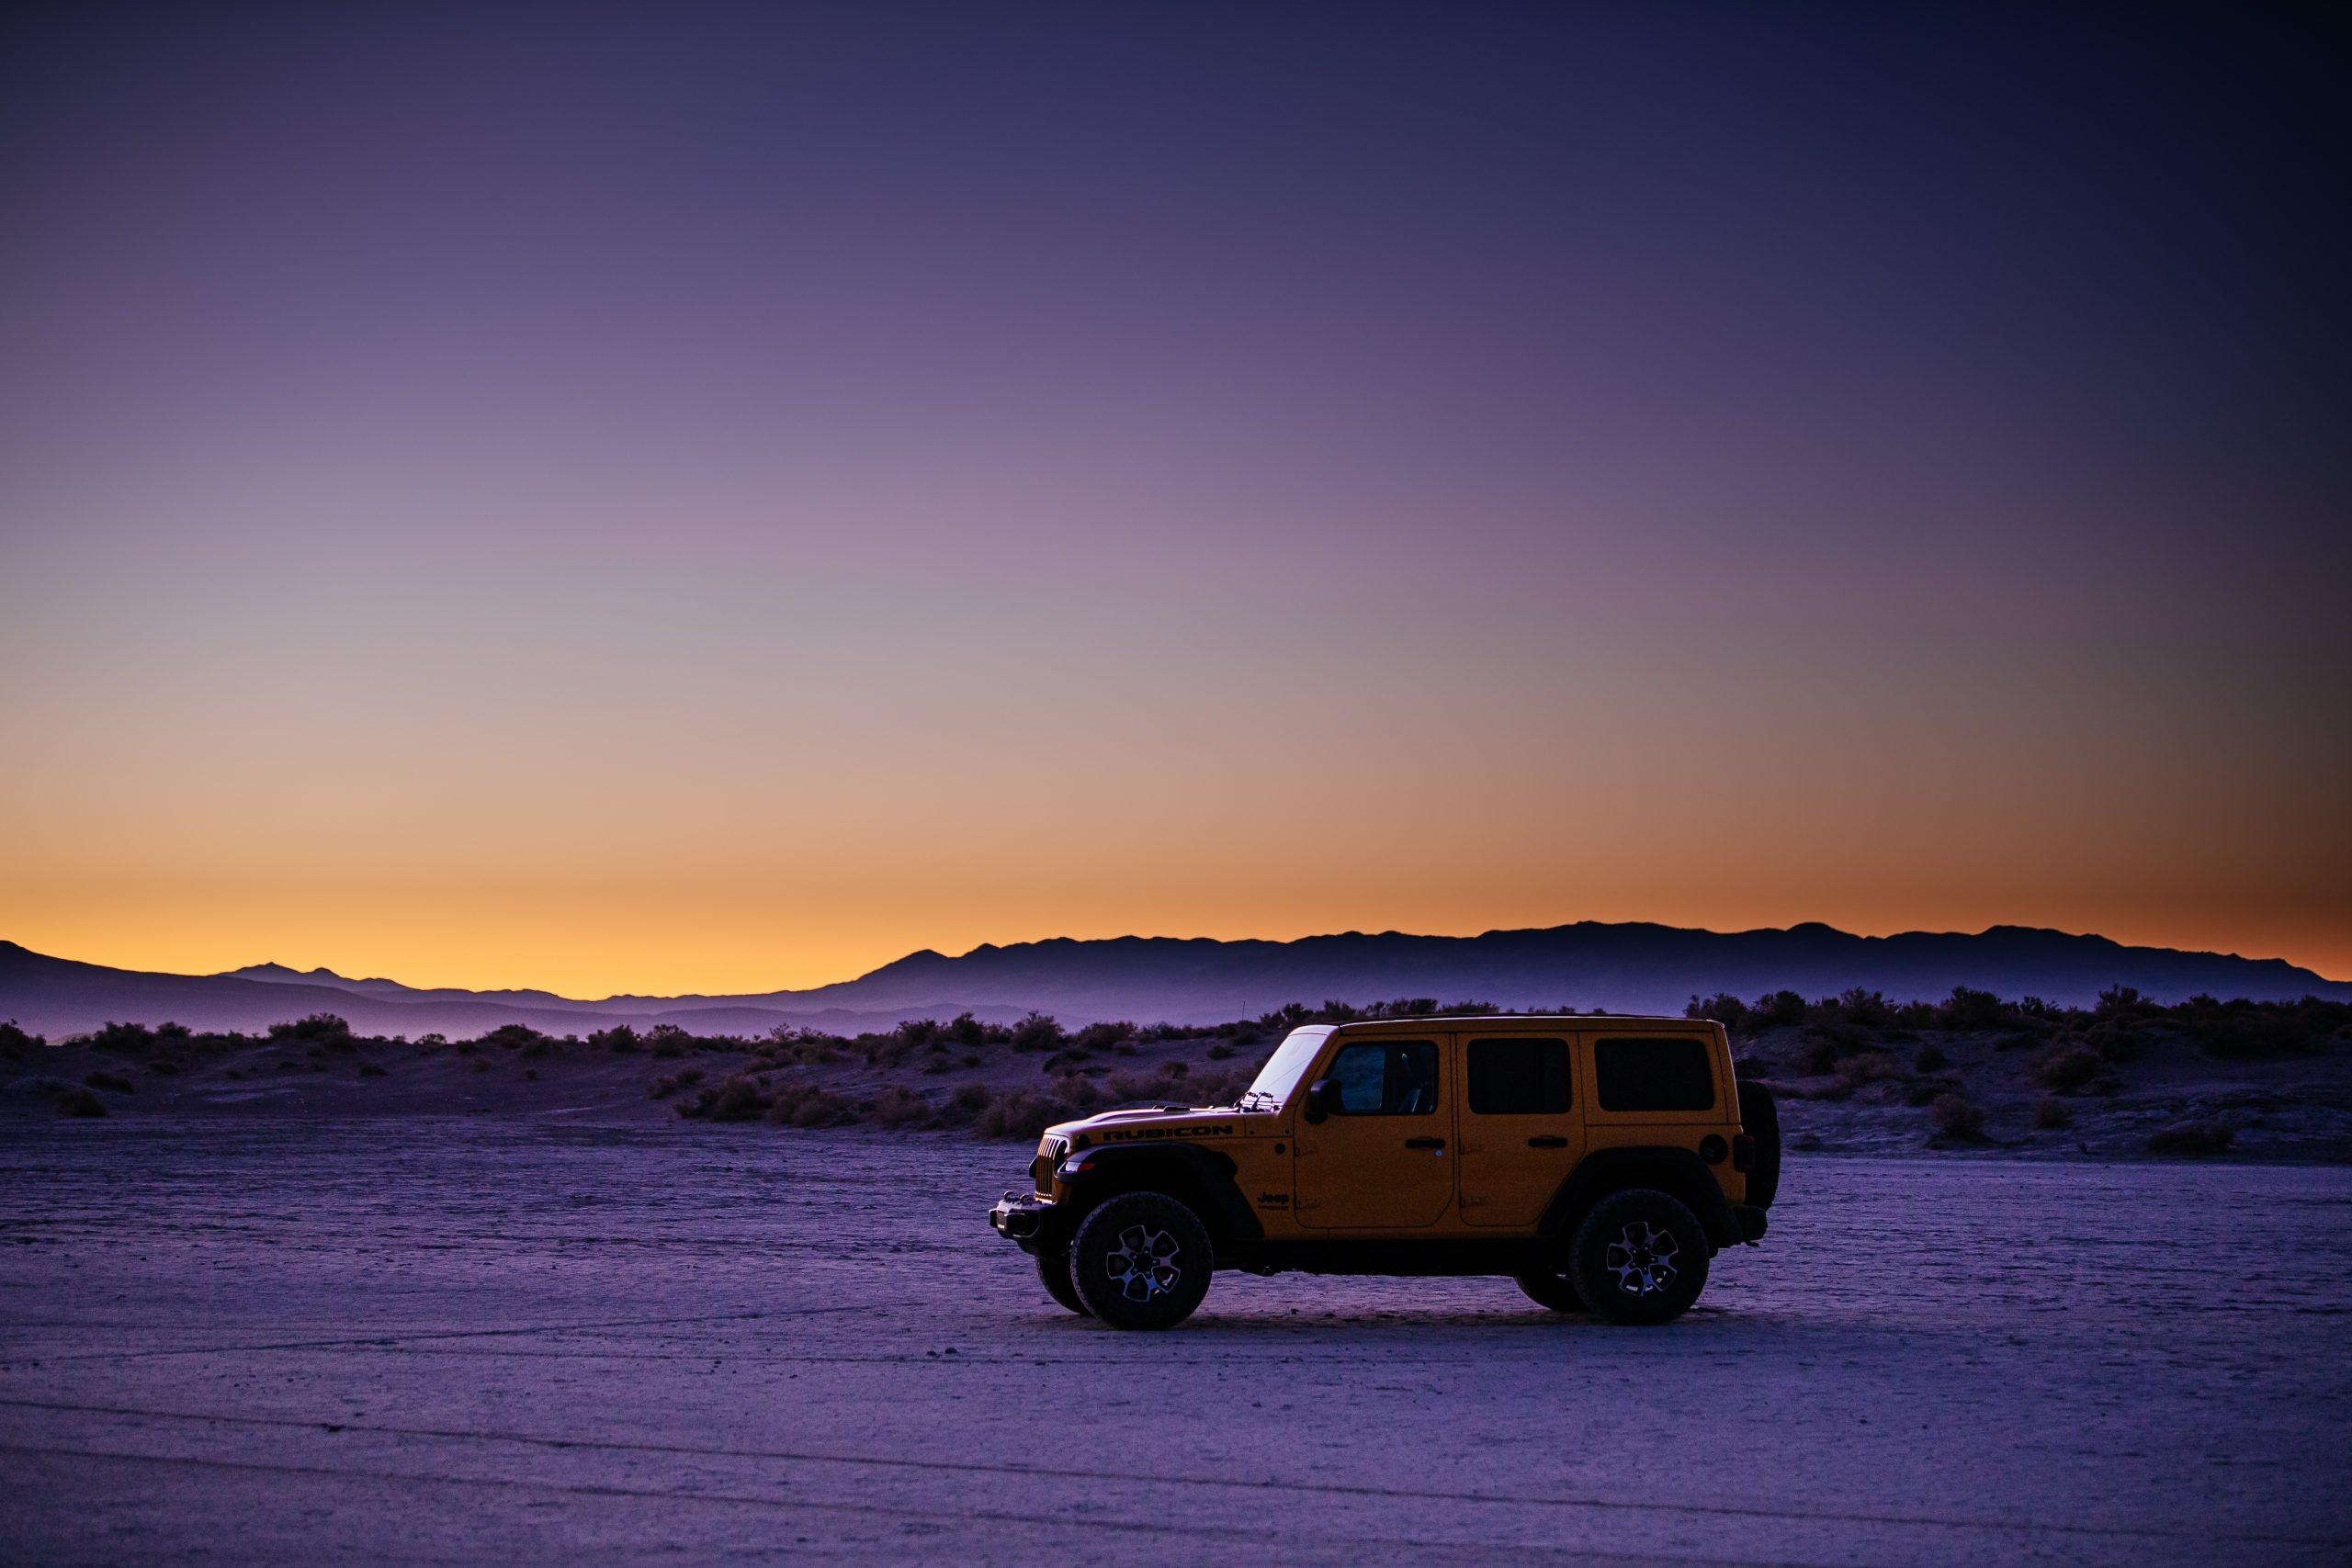 jeep wrangler rubicon side profile on desert flat at sundown